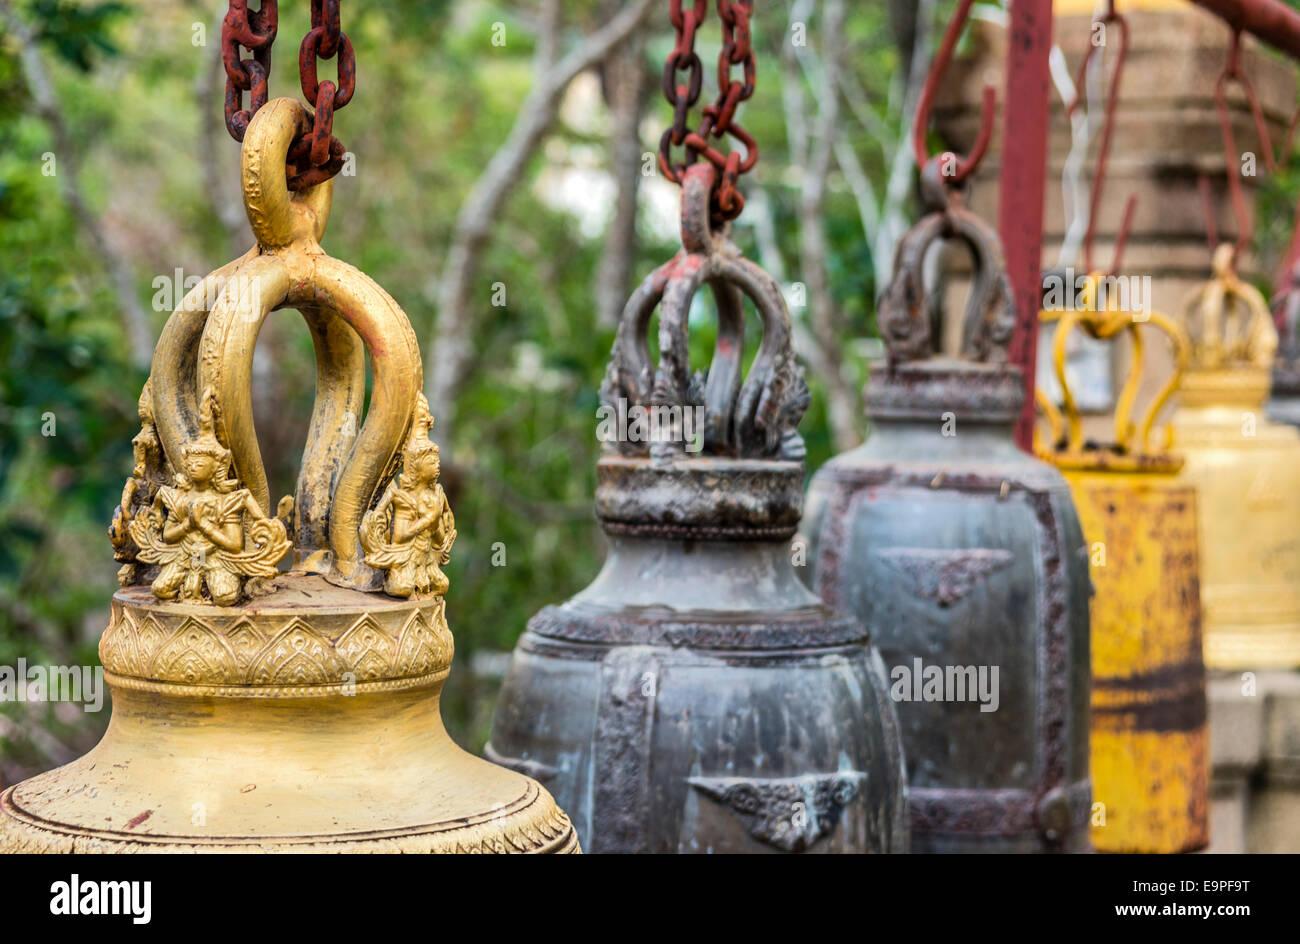 Buddhist temple bells at Wat Chaiyaphum Phithak, Thailand | Buddhistische Tempel Glocken im Wat Chaiyaphum Phithak, - Stock Image